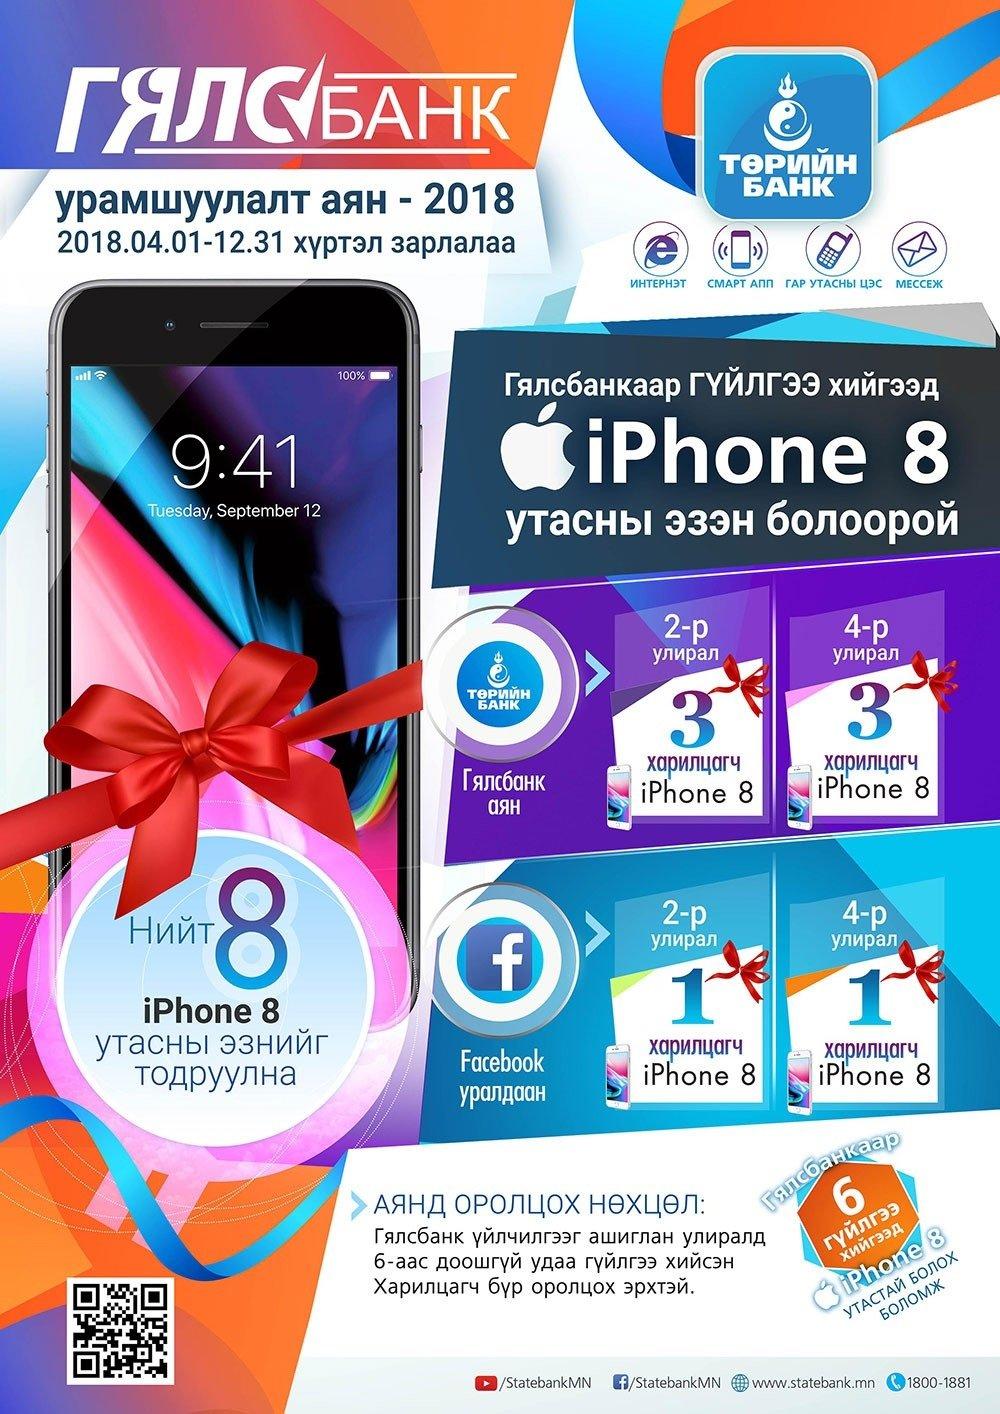 Төрийн банкны Гялсбанк үйлчилгээгээр гүйлгээ хийгээд iPhone 8 гар утасны эзэн болоорой